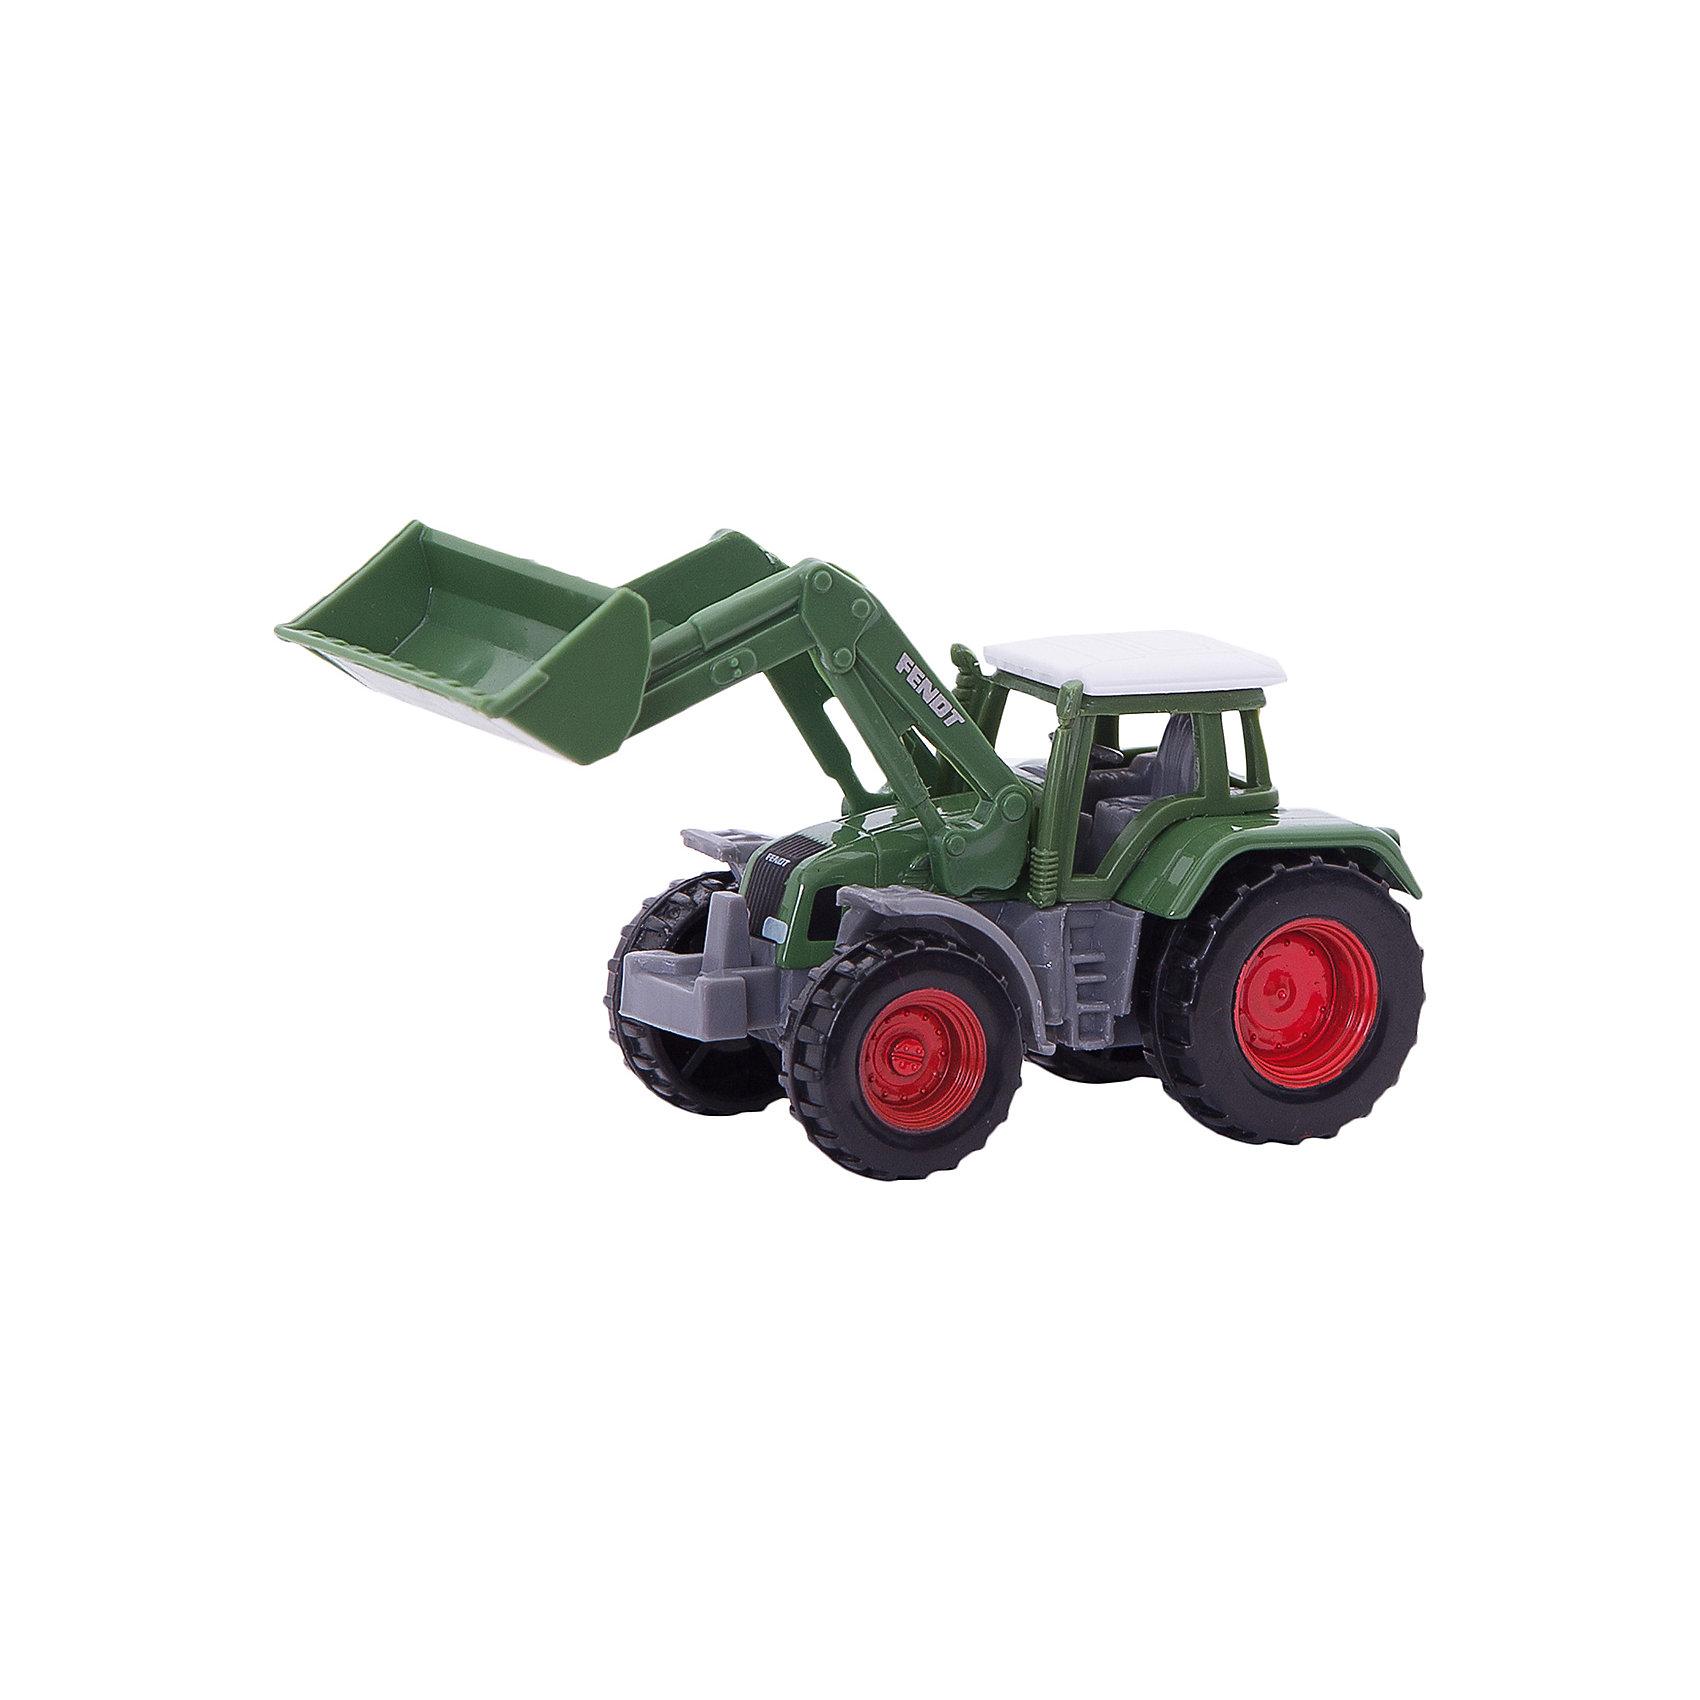 SIKU 1039 Трактор Fendt с ковшомSIKU (СИКУ) 1039 Трактор Fendt с ковшом-это игрушечная модель для маленьких строителей.<br><br>Корпус выполнен из металла, кабина из пластика, ковш поднимается и опускается, колёса трактора вращаются и выполнены из пластика, можно катать. Сзади есть сцепное устройство, можно использовать с прицепом от SIKU (СИКУ).<br><br>Дополнительная информация:<br>-размер игрушки: 9,4 x 3,9 x 4,3 см<br>-Материал: металл с элементами пластмассы, резина<br><br>Благодаря высокому качеству исполнения и сохранению высокой детализации, эта игрушка будет интересна не только детям, но и взрослым коллекционерам. С коллекцией моделей рабочей техники от SIKU (СИКУ) вы сможете создать собственный уникальный автопарк, достойный сравниться с лучшими коллекциями автомоделей мира!<br><br>SIKU (СИКУ) 1039 Трактор Fendt с ковшом можно купить в нашем магазине.<br><br>Ширина мм: 98<br>Глубина мм: 88<br>Высота мм: 43<br>Вес г: 48<br>Возраст от месяцев: 36<br>Возраст до месяцев: 96<br>Пол: Мужской<br>Возраст: Детский<br>SKU: 1519988